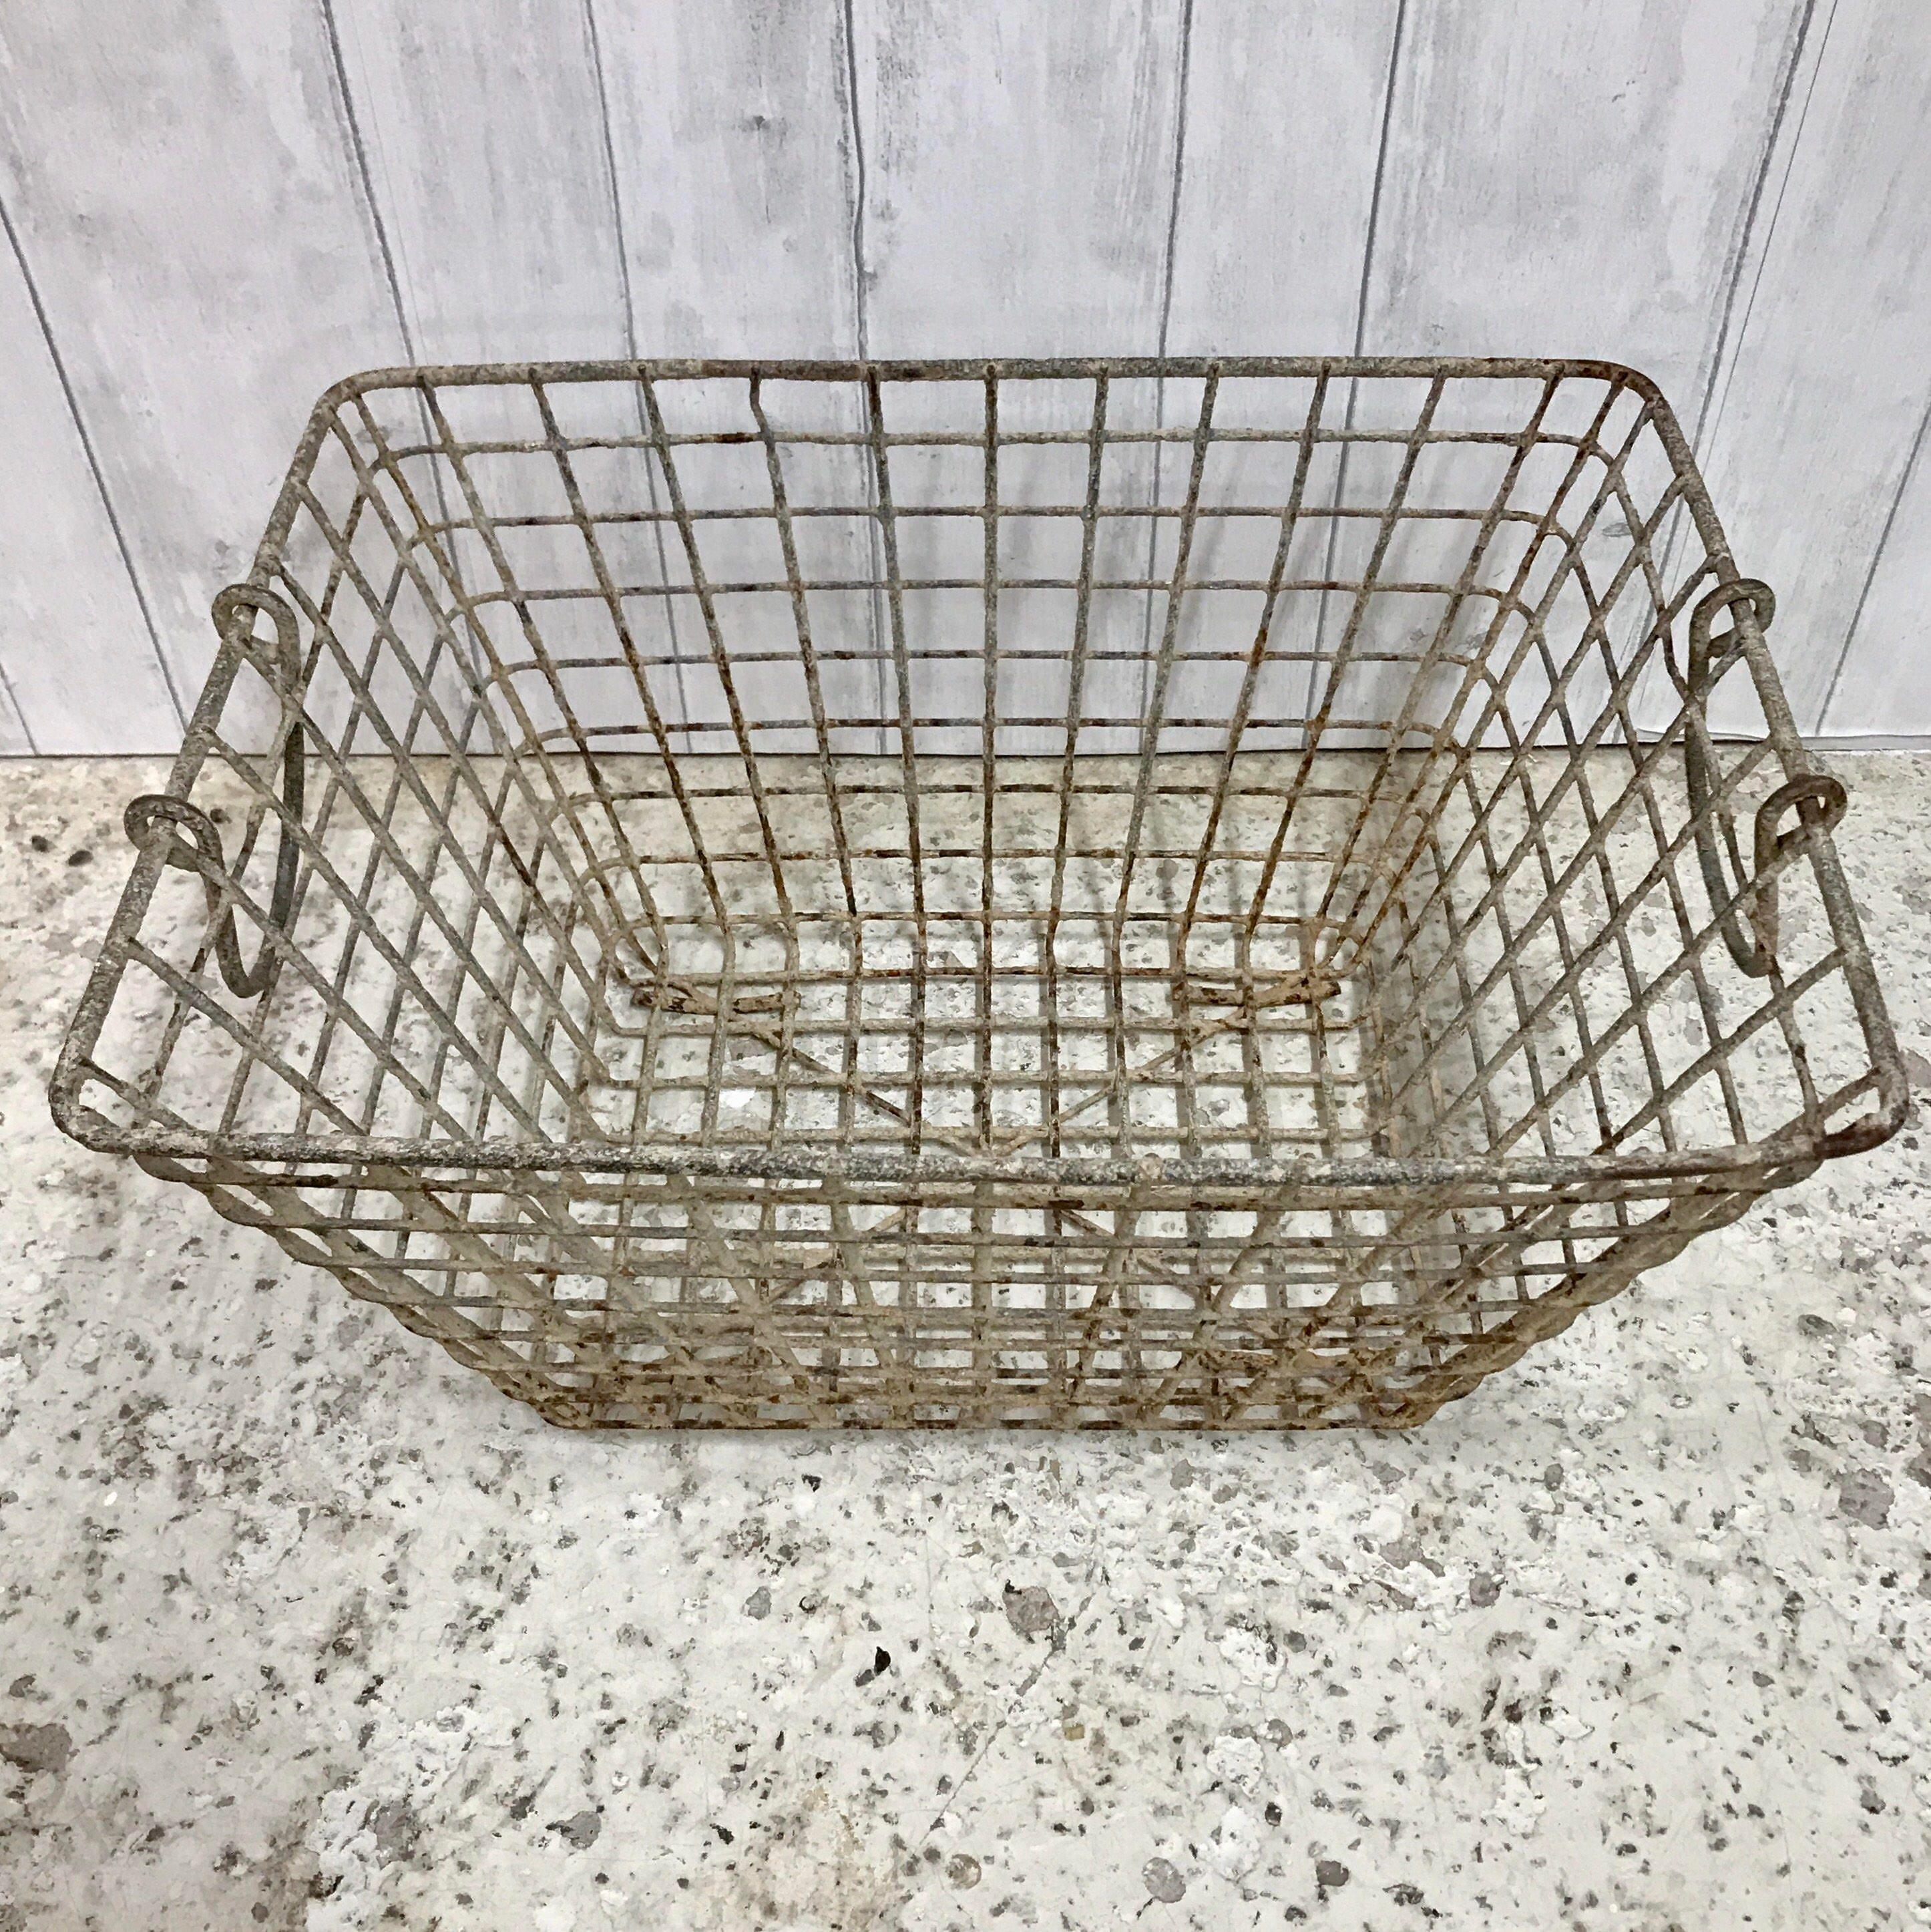 Genuine Vintage French Metal Oyster Baskets would make ideal batroom  kitchen storage or flower baskets